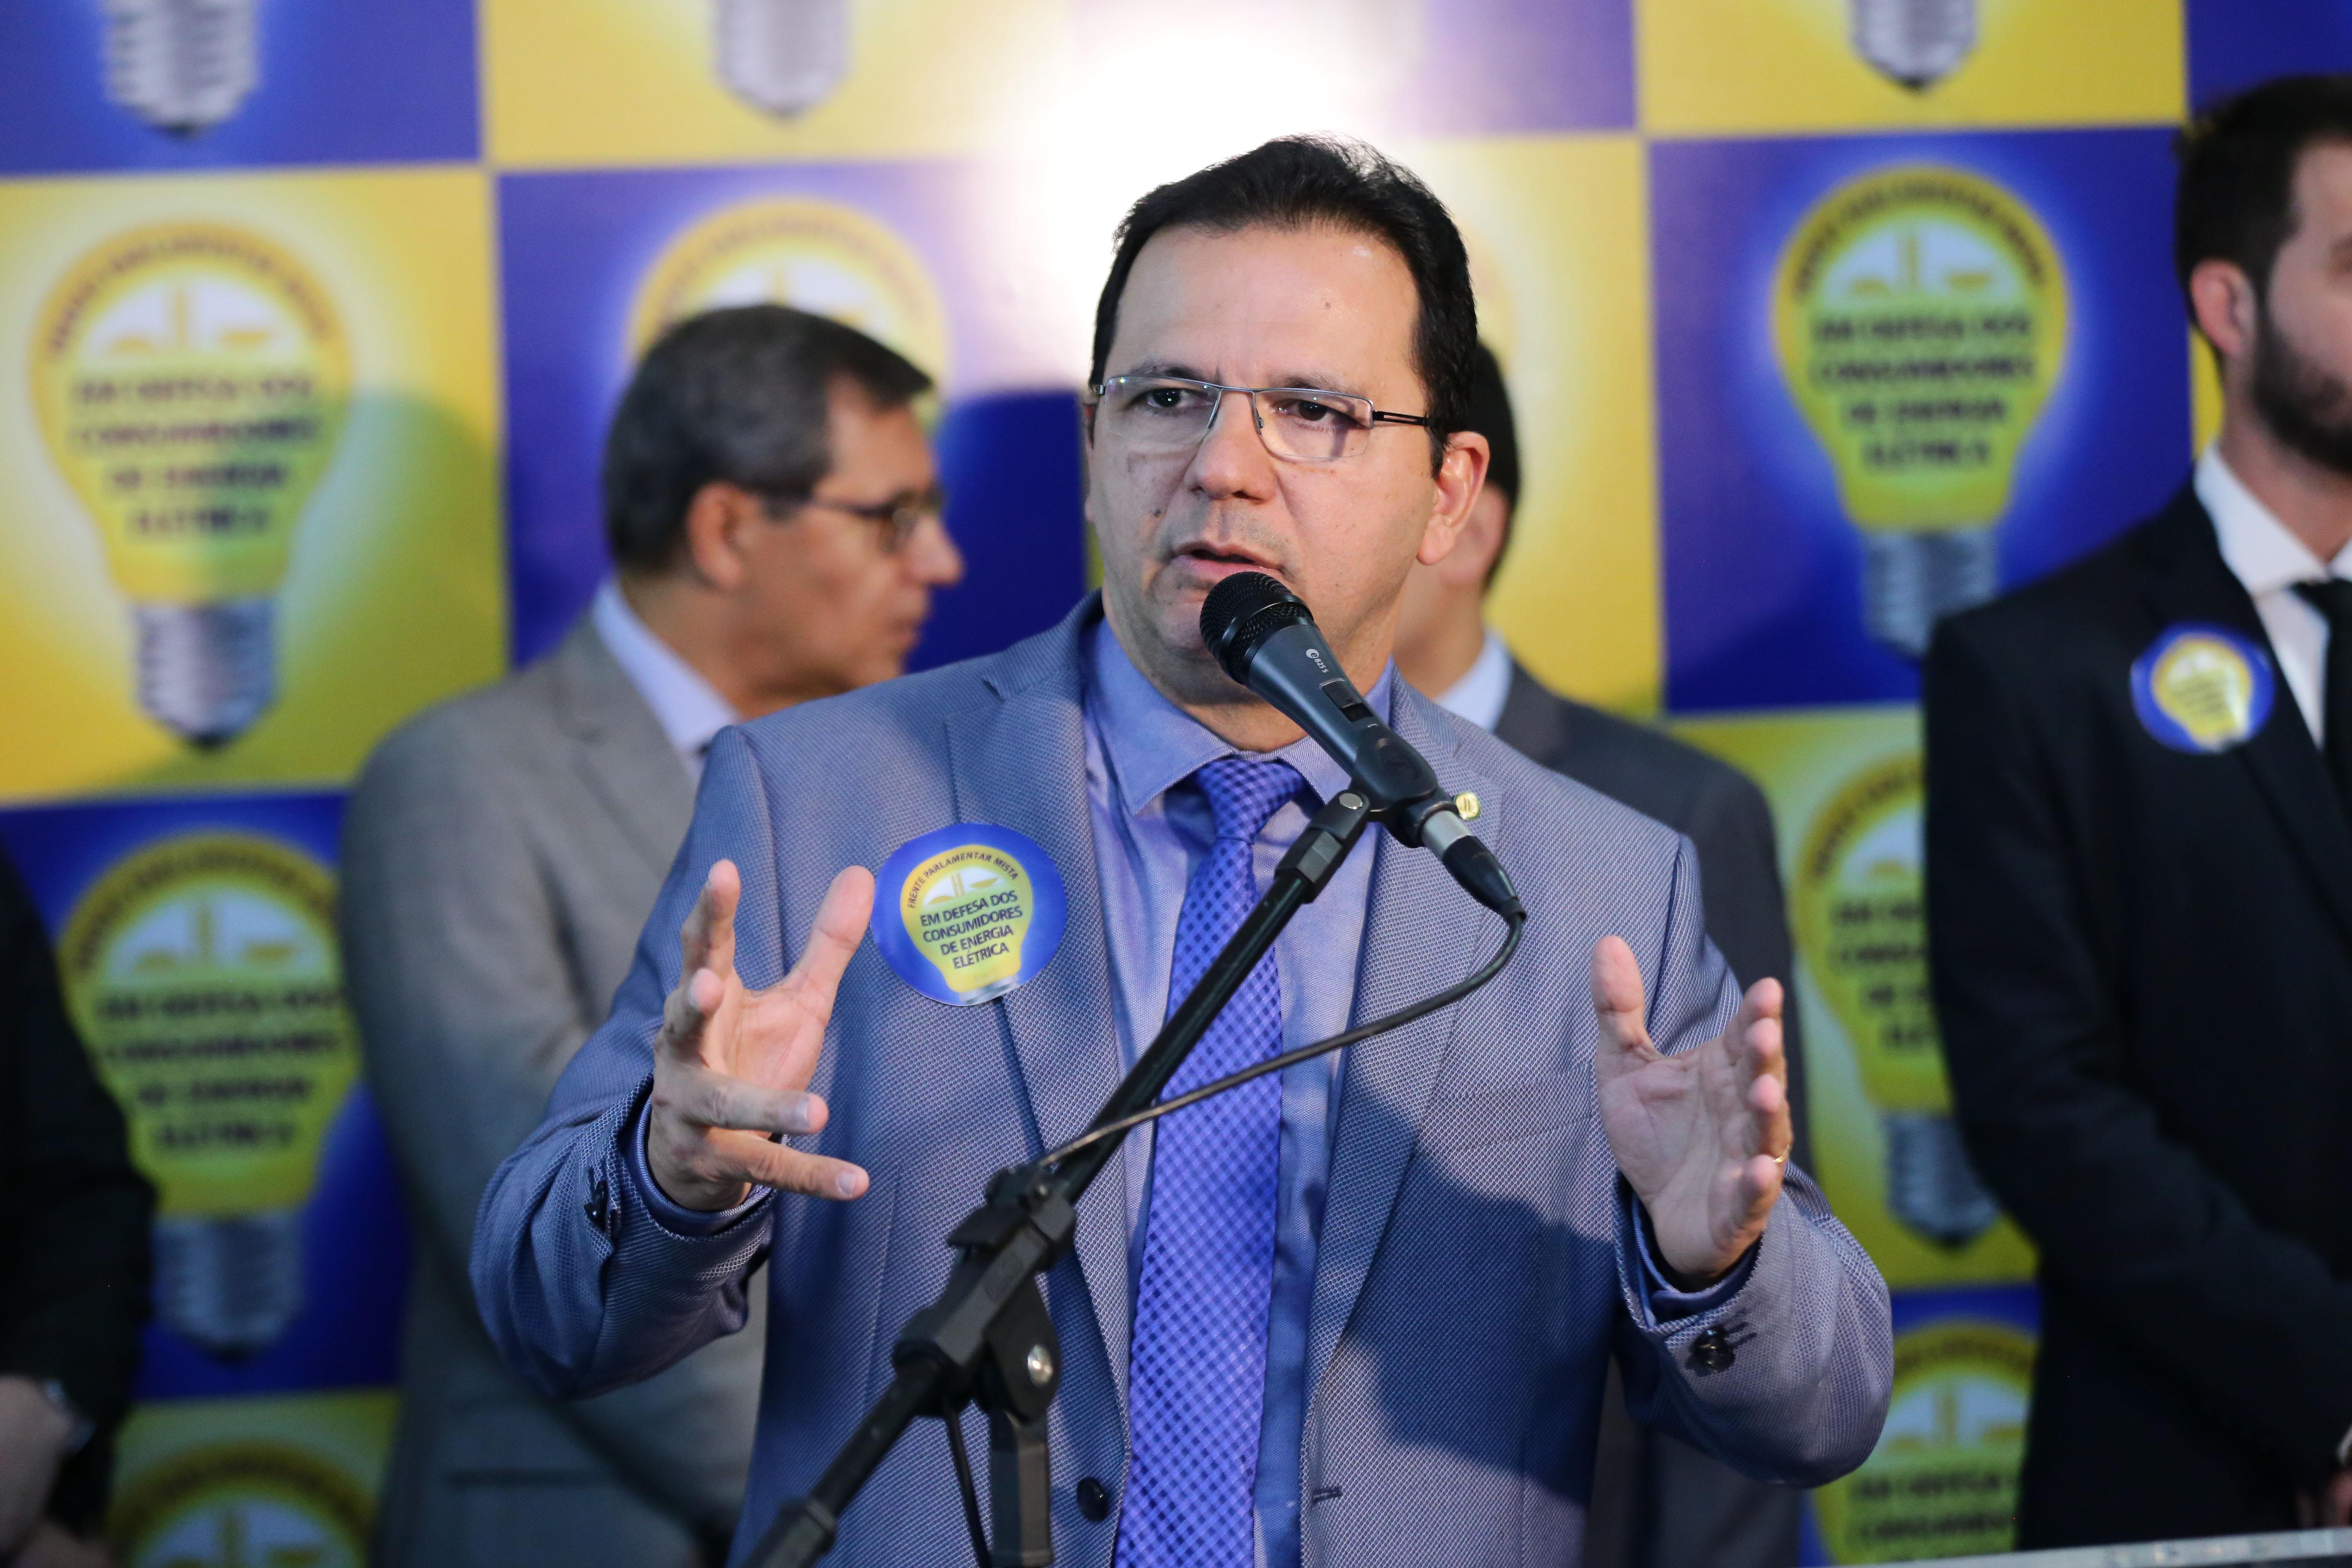 Lançamento da Frente Parlamentar em Defesa dos Consumidores de Energia Elétrica. Dep. Junior Ferrari (PSD - PA)